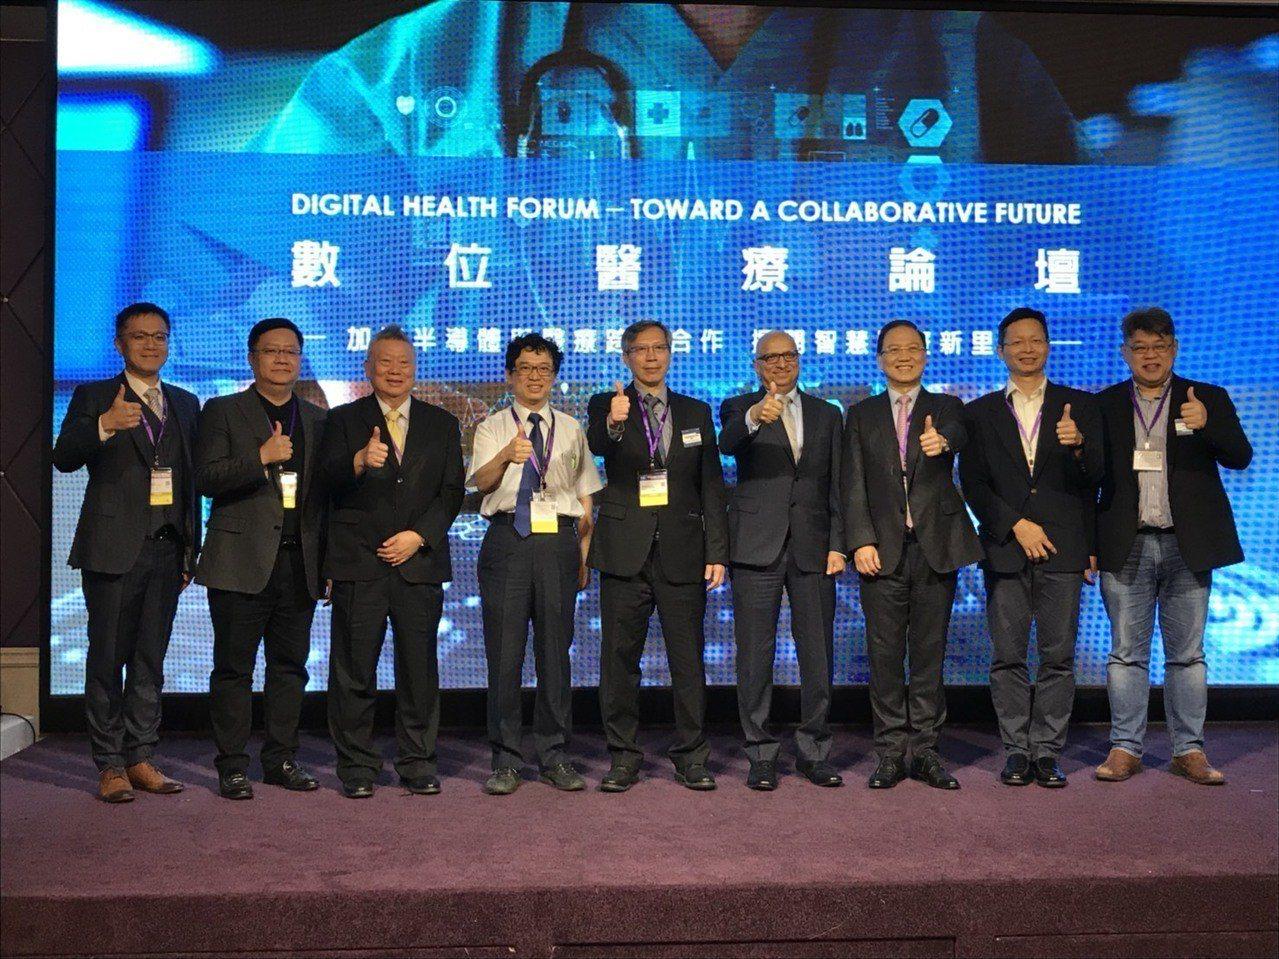 國際半導體產業協會與生醫產業創新推動方案執7日首度攜手合辦第一屆「數位醫療論壇」...